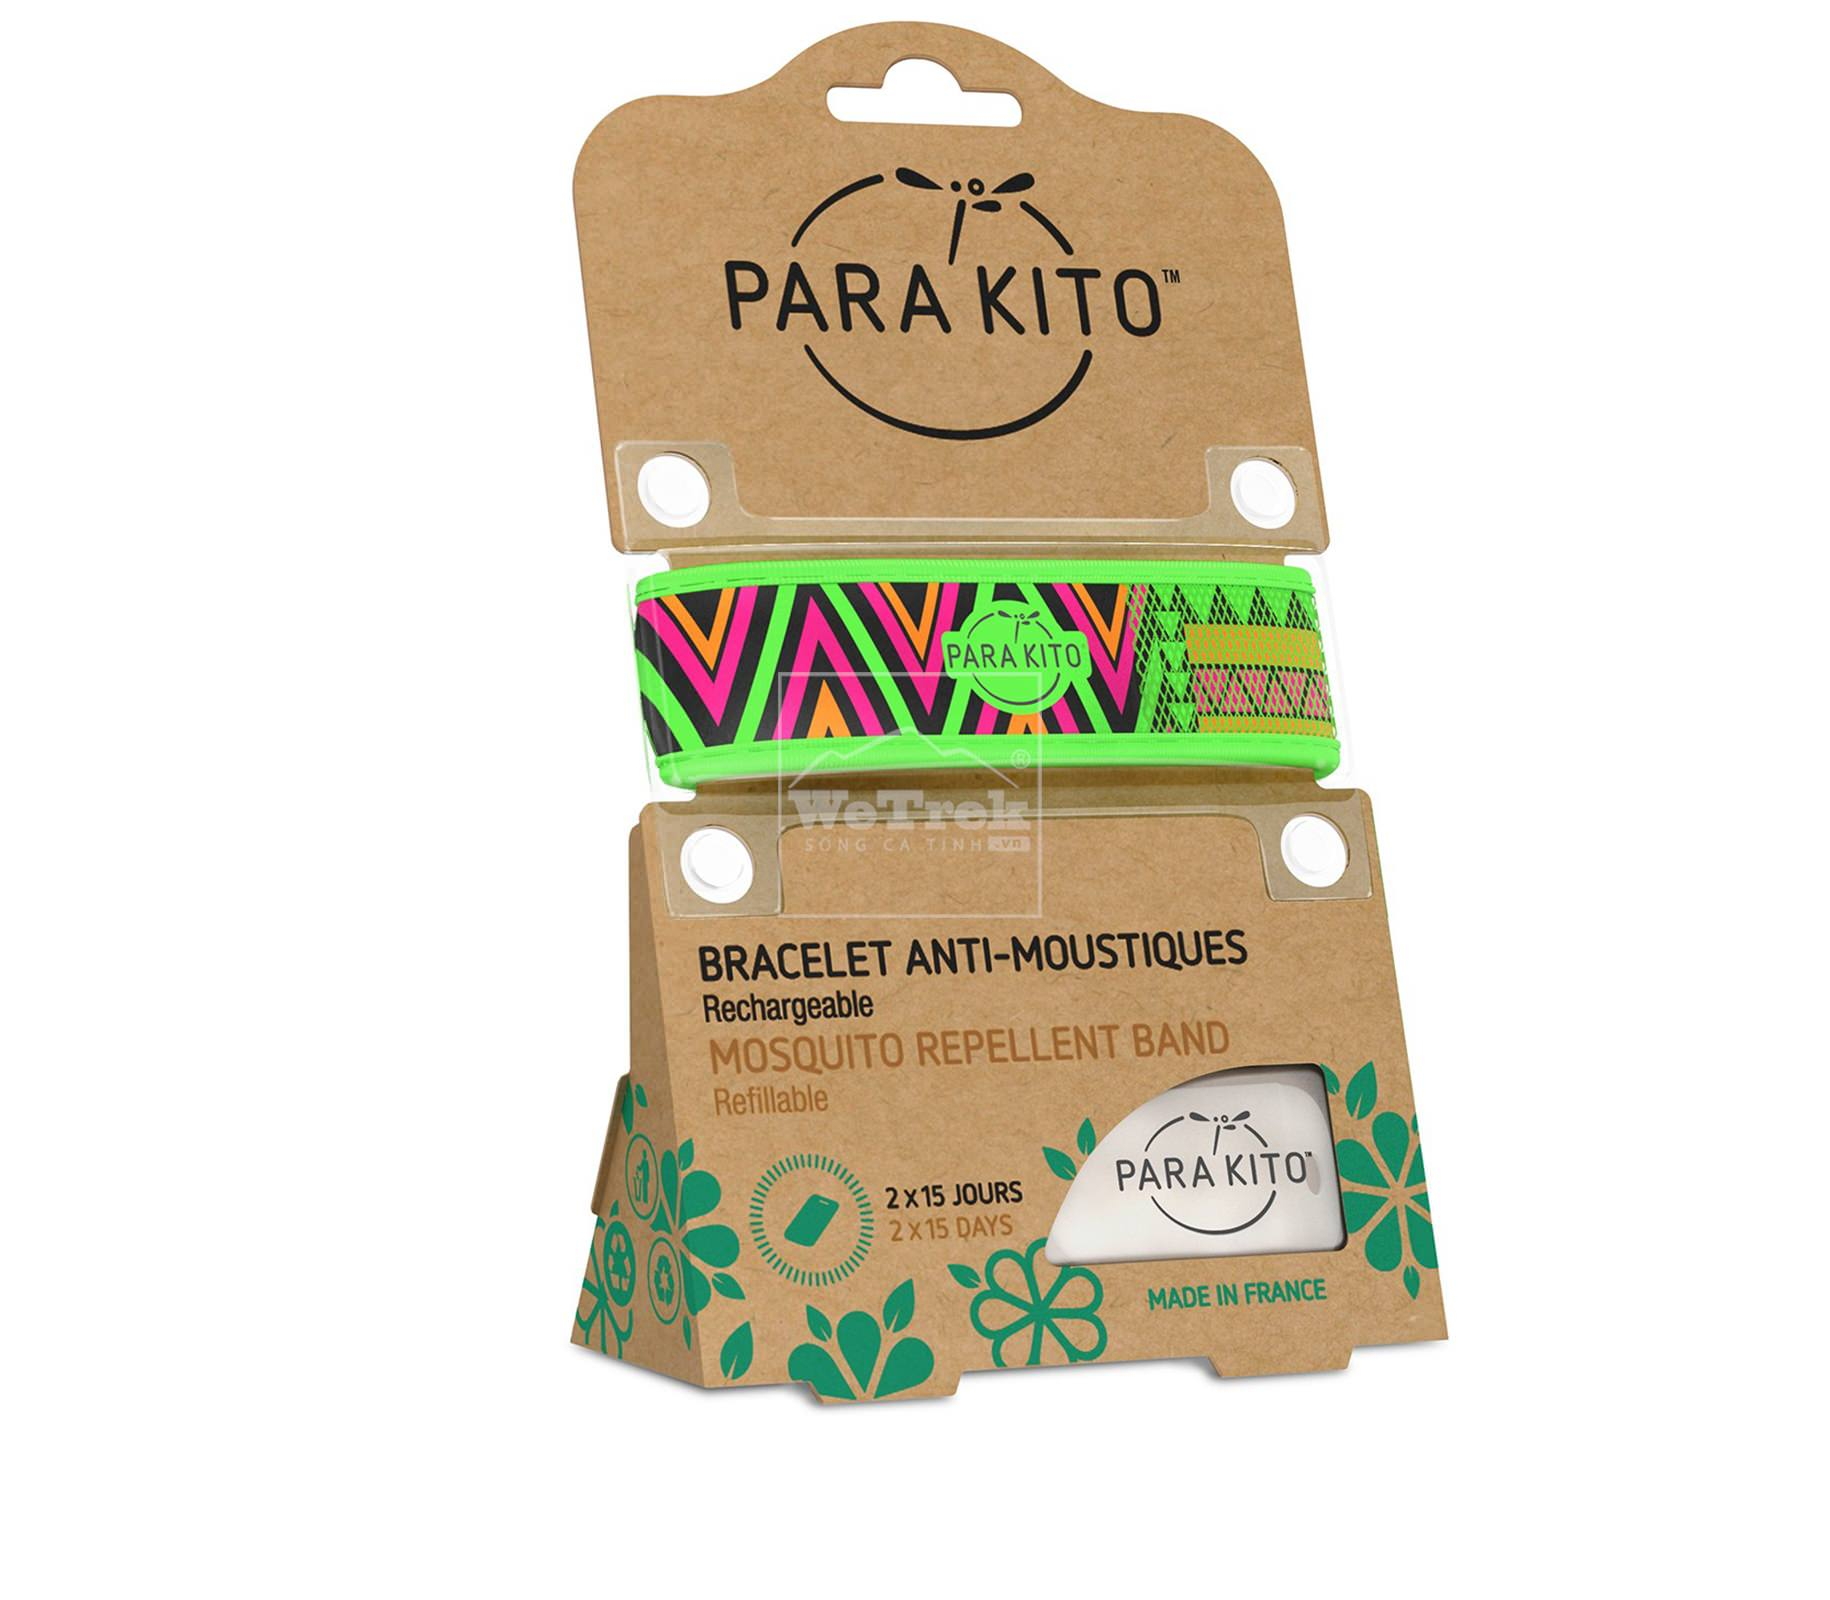 sap-chong-muoi-kem-vong-tay-parakito-inka-band-7493-wetrek.vn-1